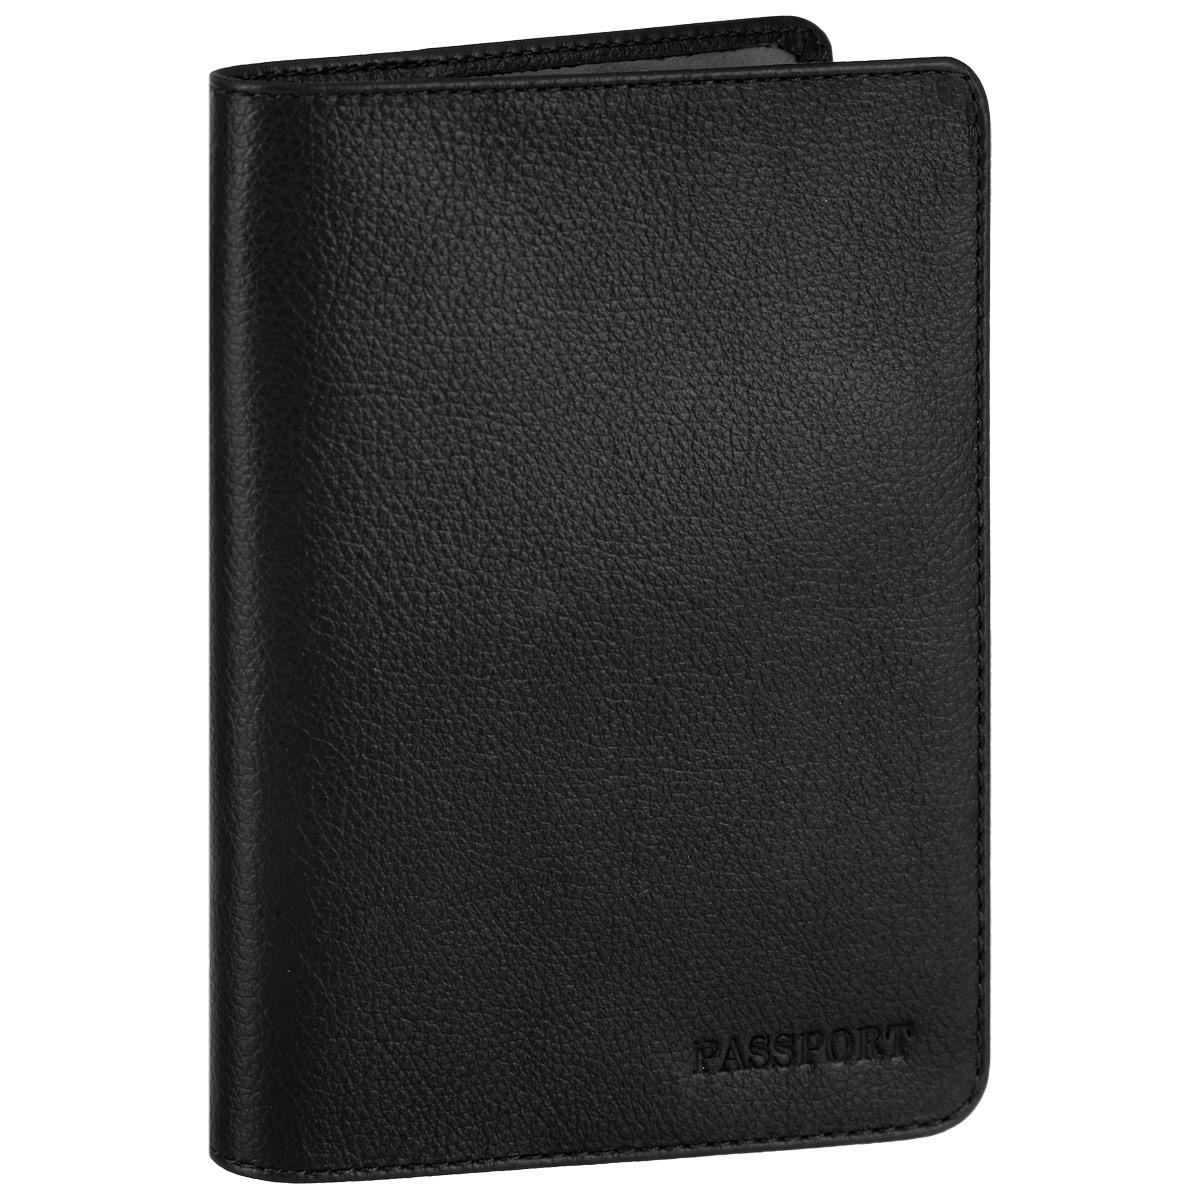 Обложка для паспорта Fabula, цвет: черный. O.53.FP019-1019CA05Стильная обложка для паспорта Fabula выполнена из натуральной кожи с зернистой текстурой, оформлена надписью Passport. Обложка для паспорта раскладывается пополам, внутри расположены два пластиковых кармашка.Такая обложка для паспорта станет прекрасным и стильным подарком человеку, любящему оригинальные и практичные вещи.